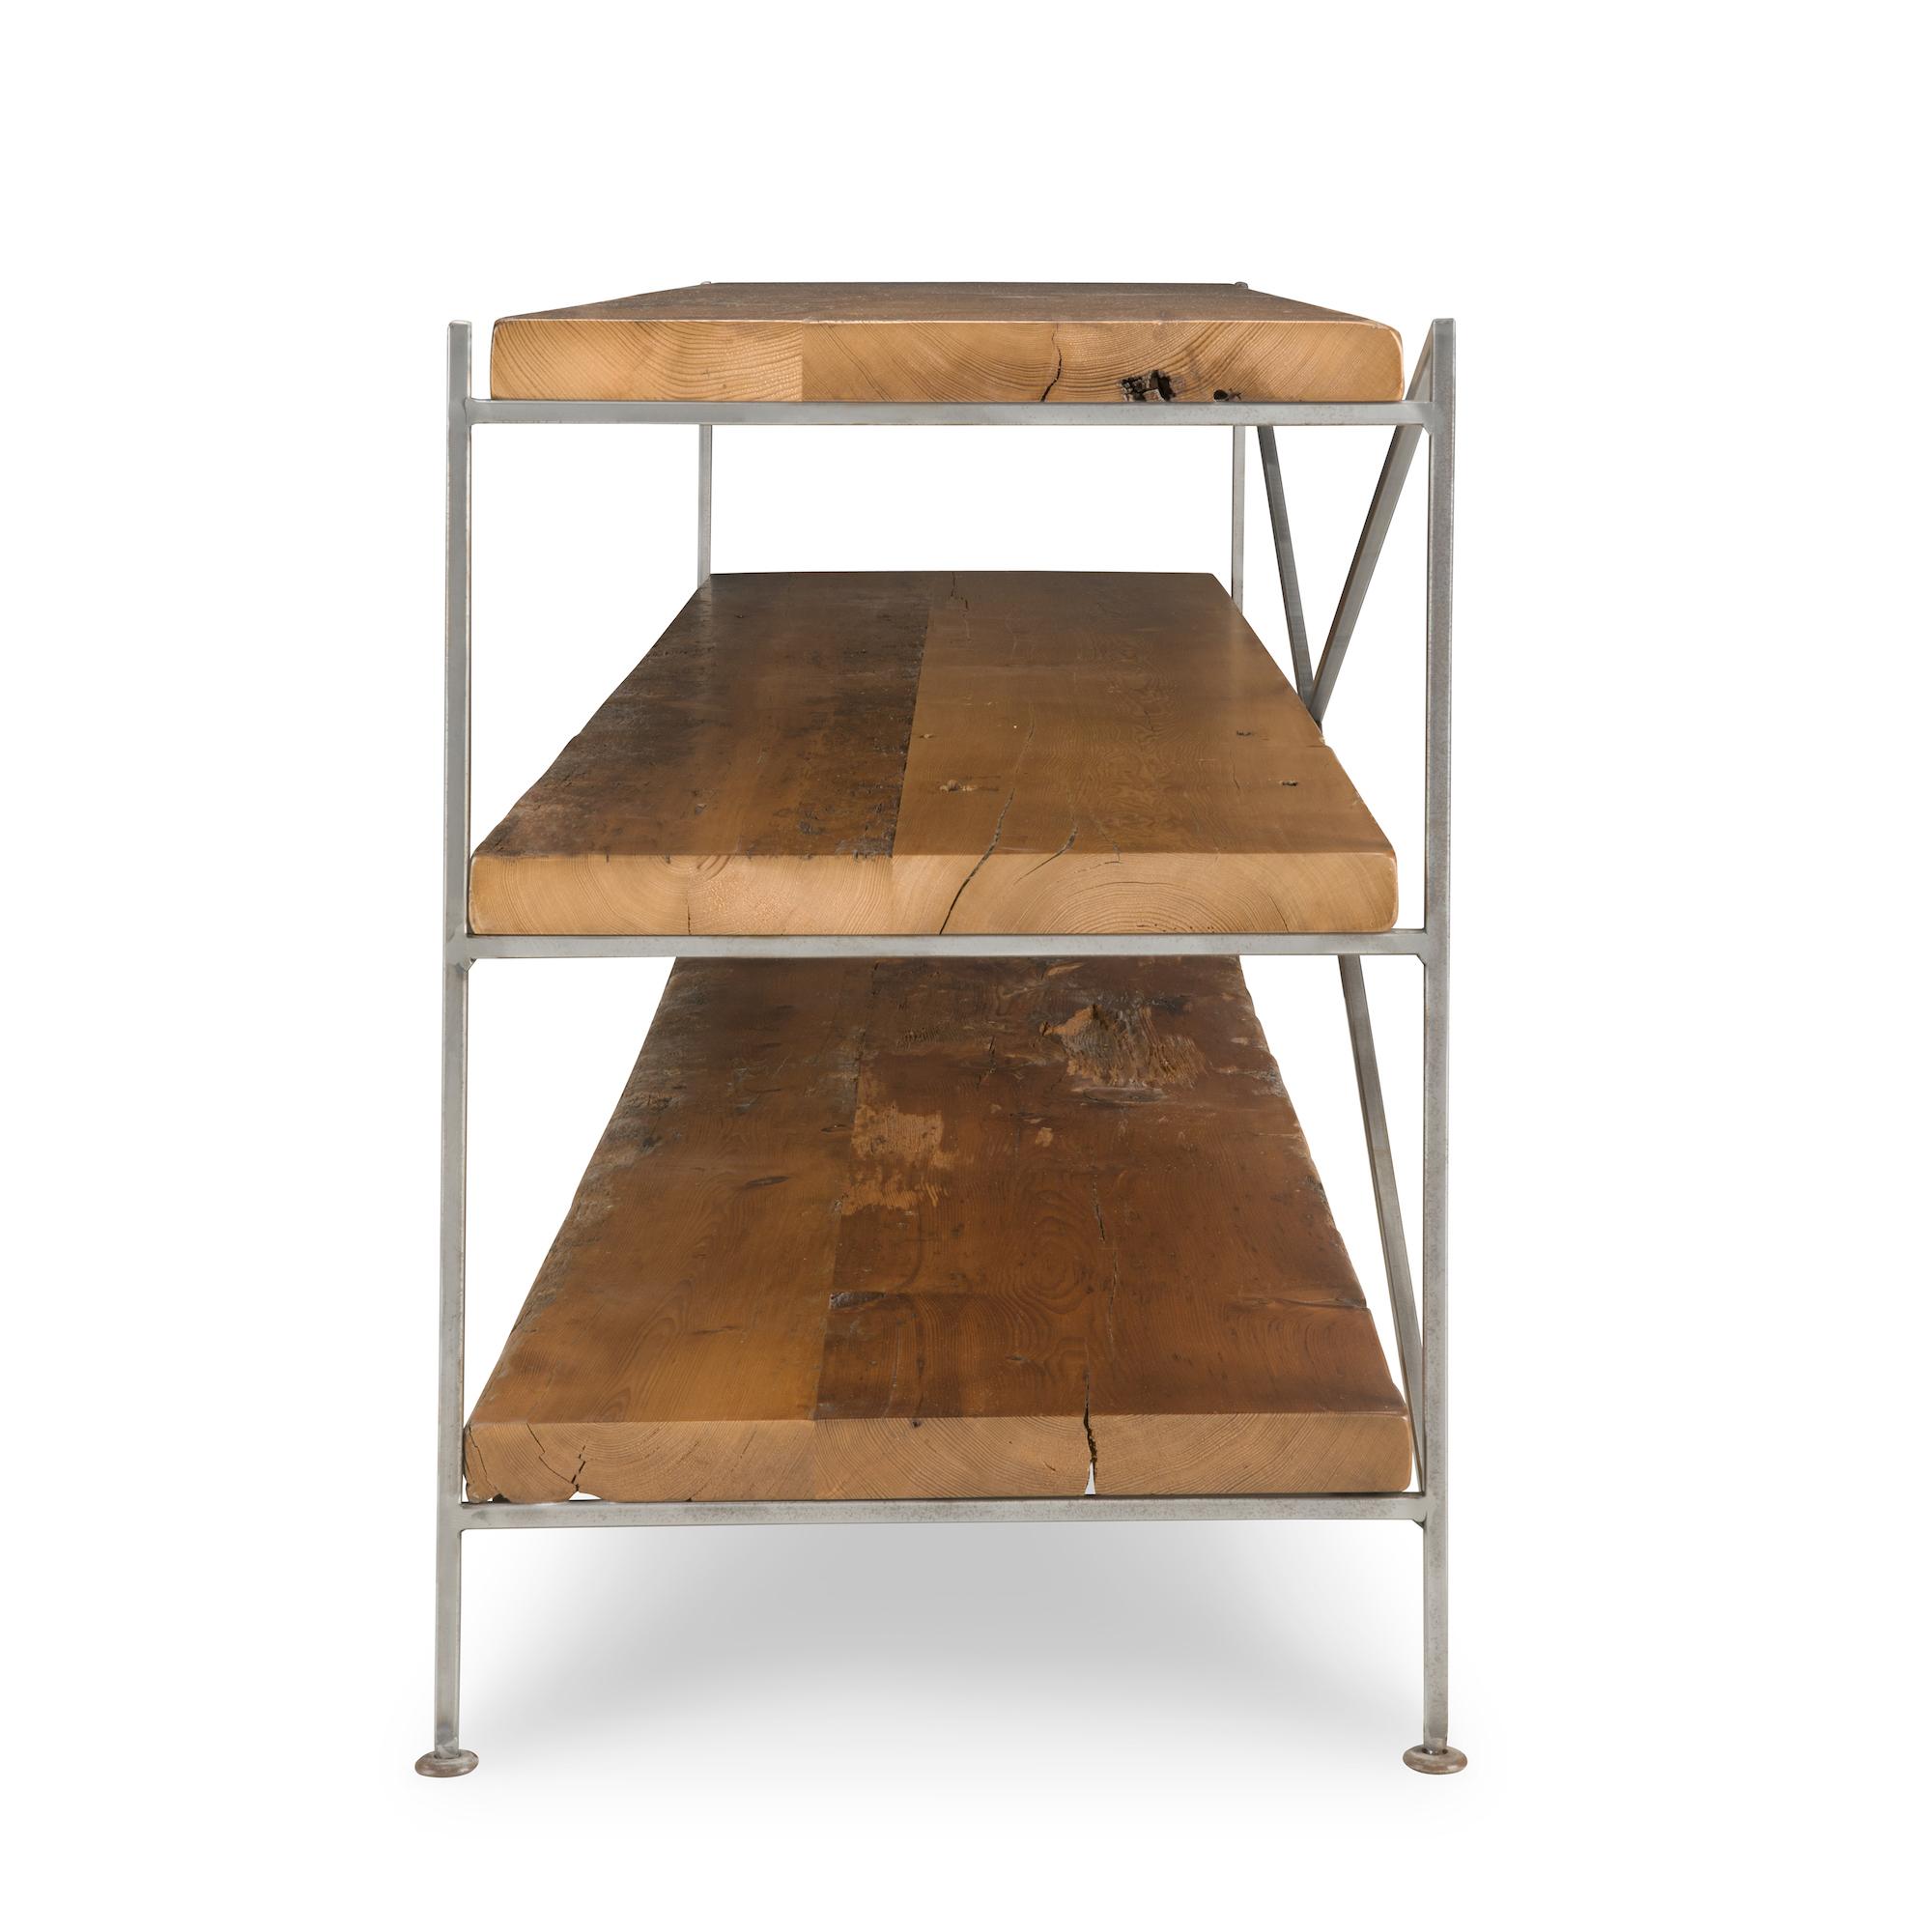 Heath_Sofa_Table_End-1-1-1.jpg